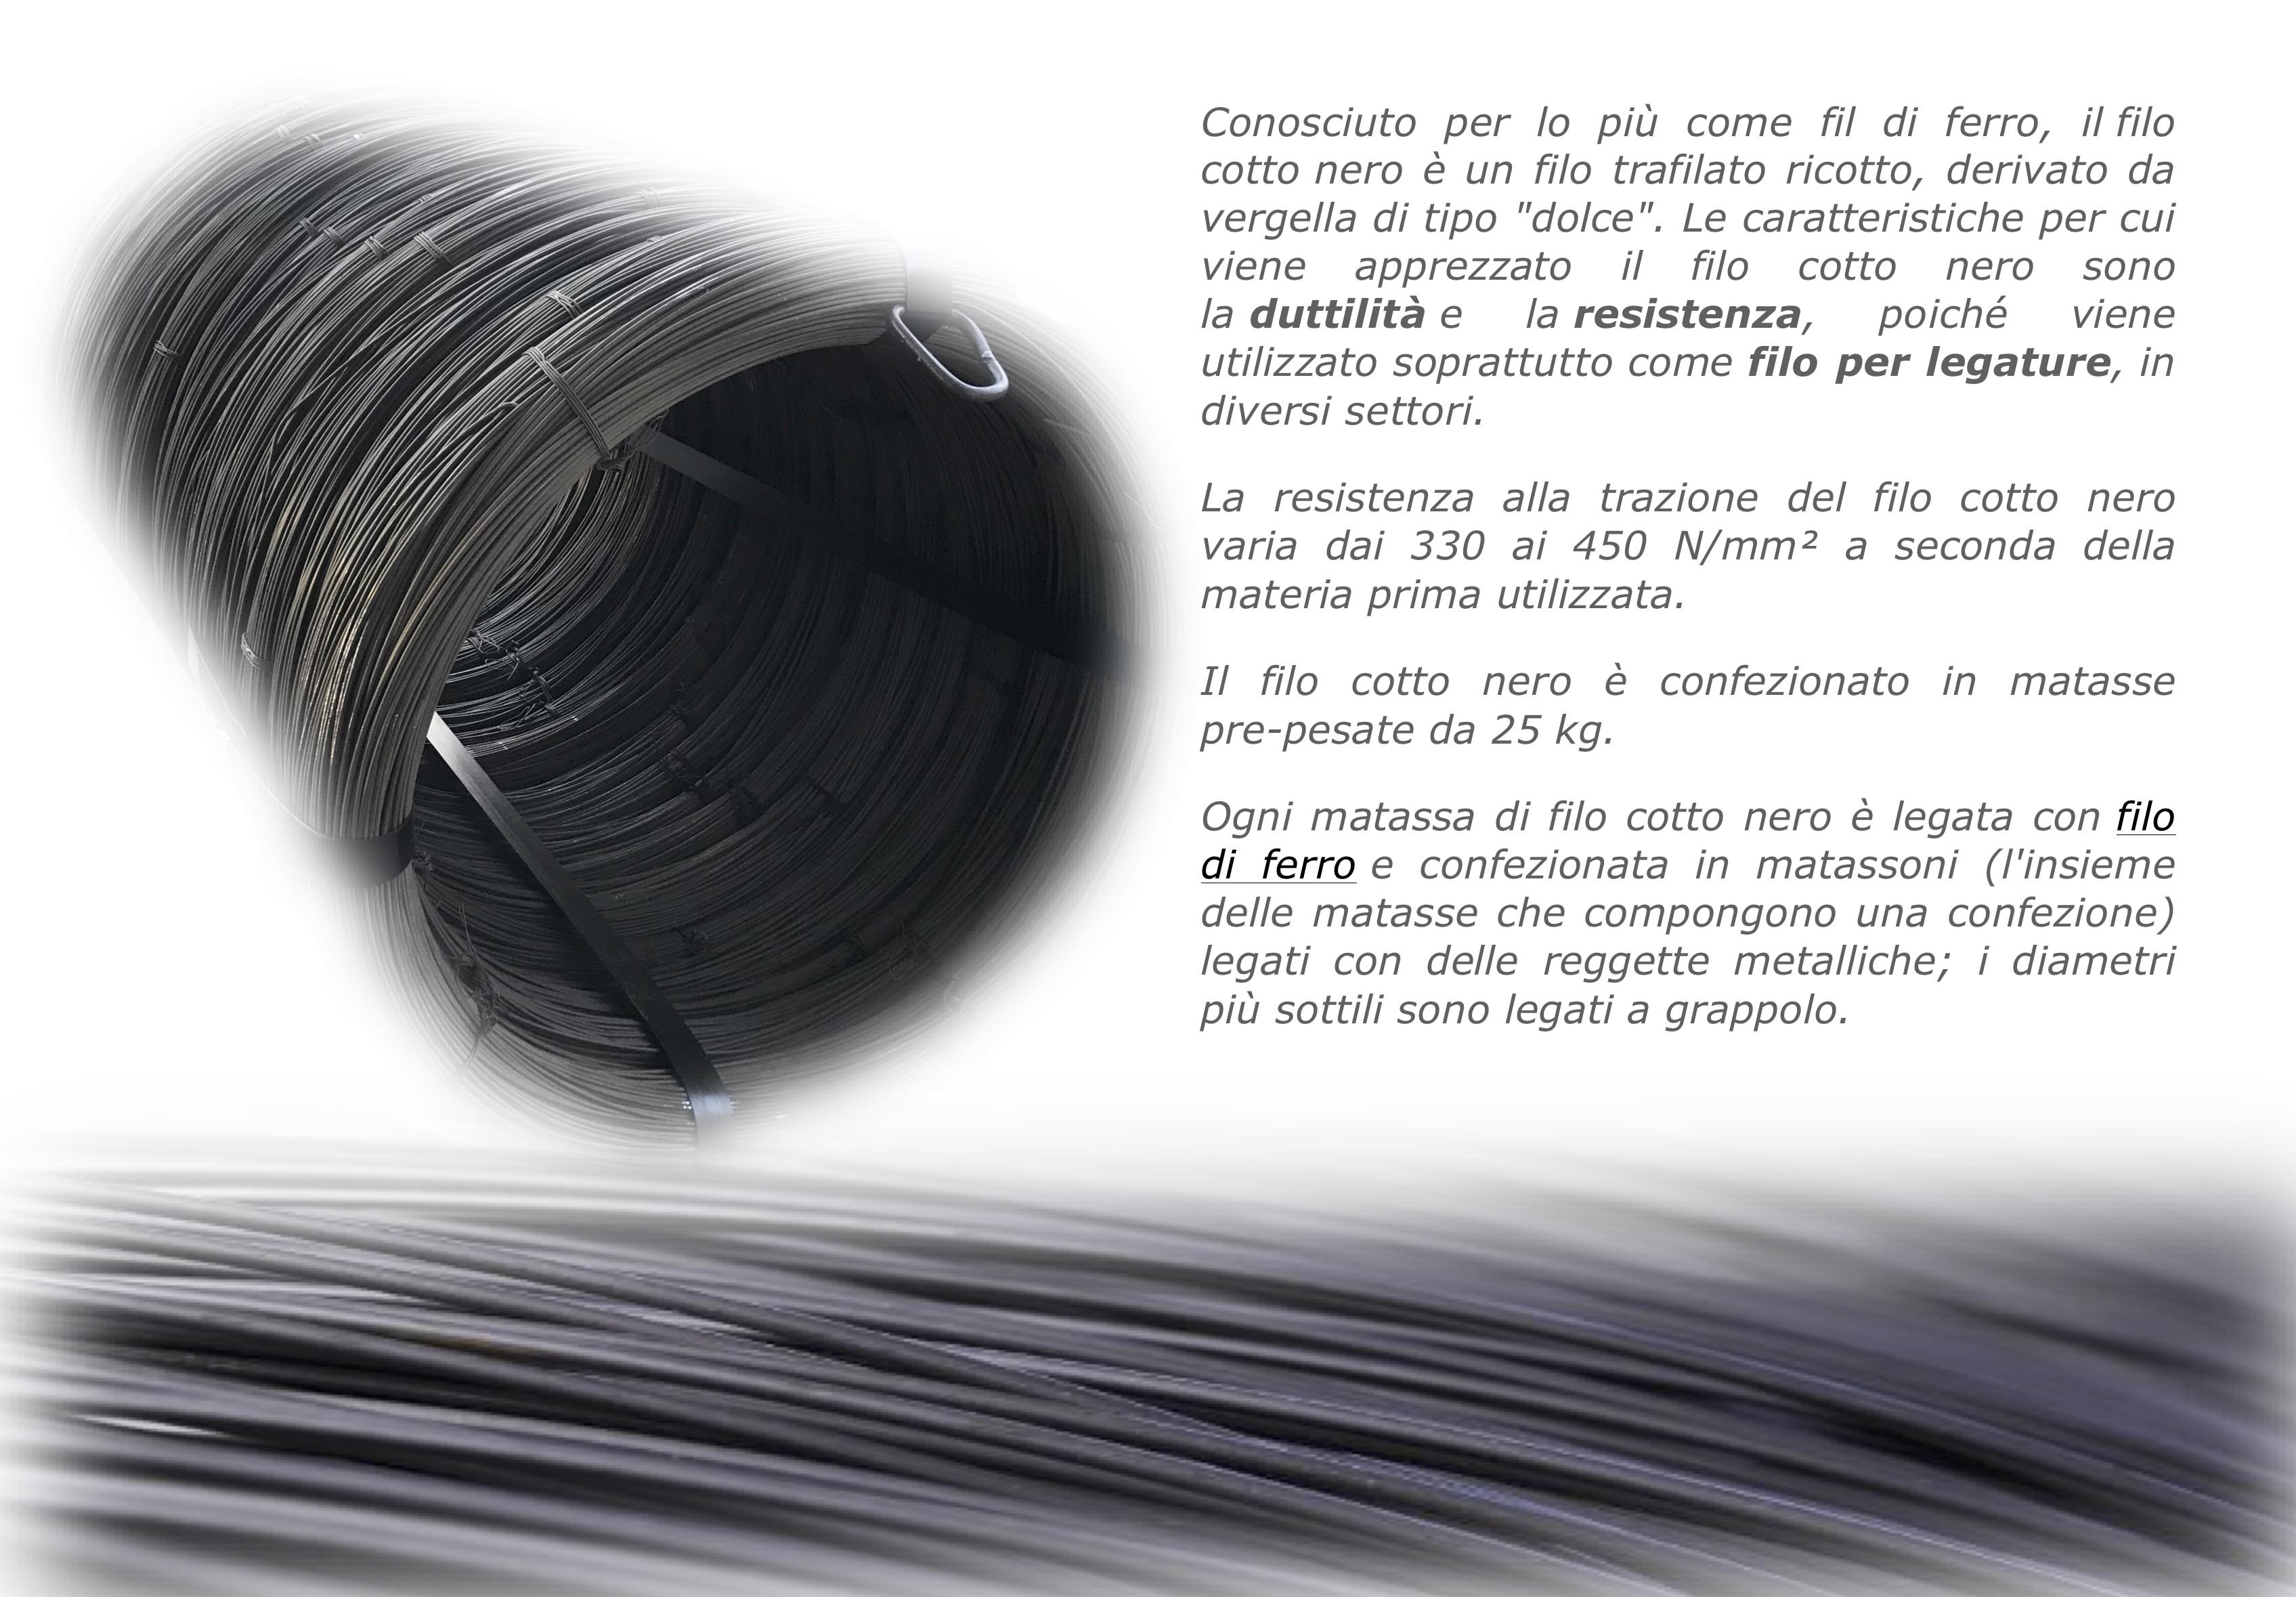 fil di ferro